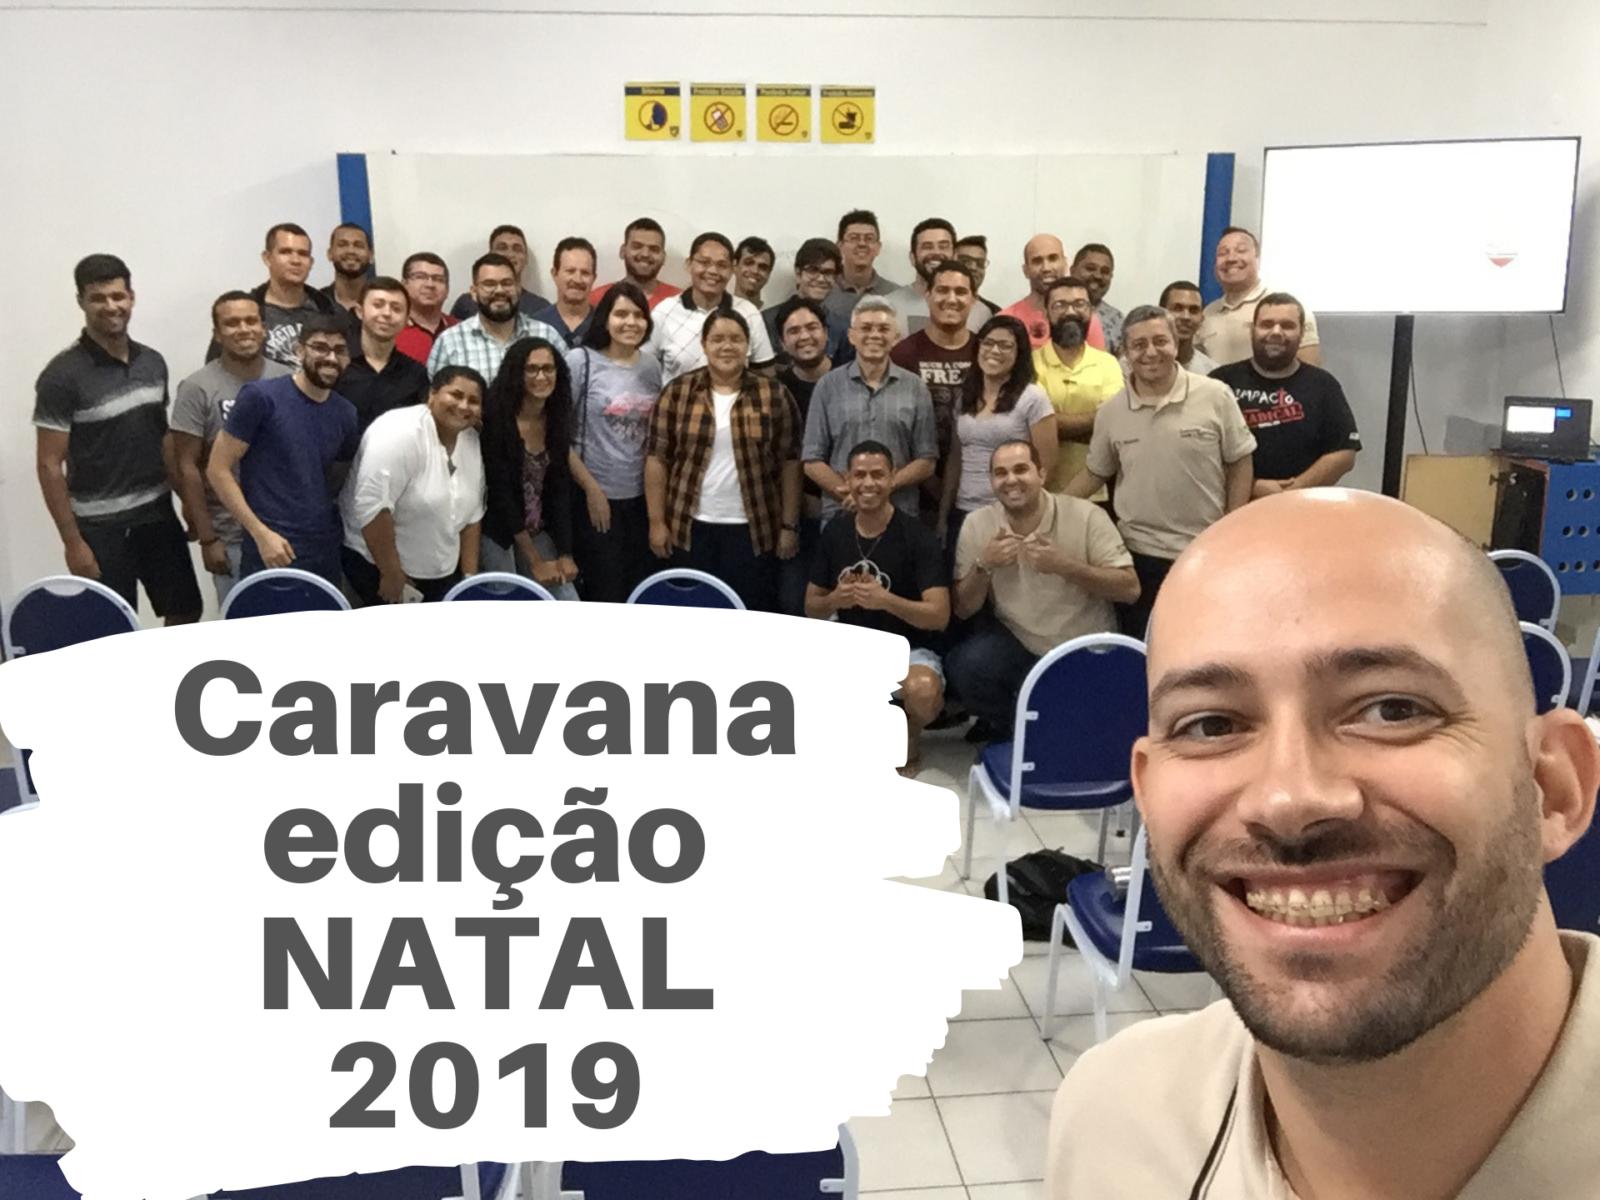 Caravana Cloud and Data - edição Natal 2019